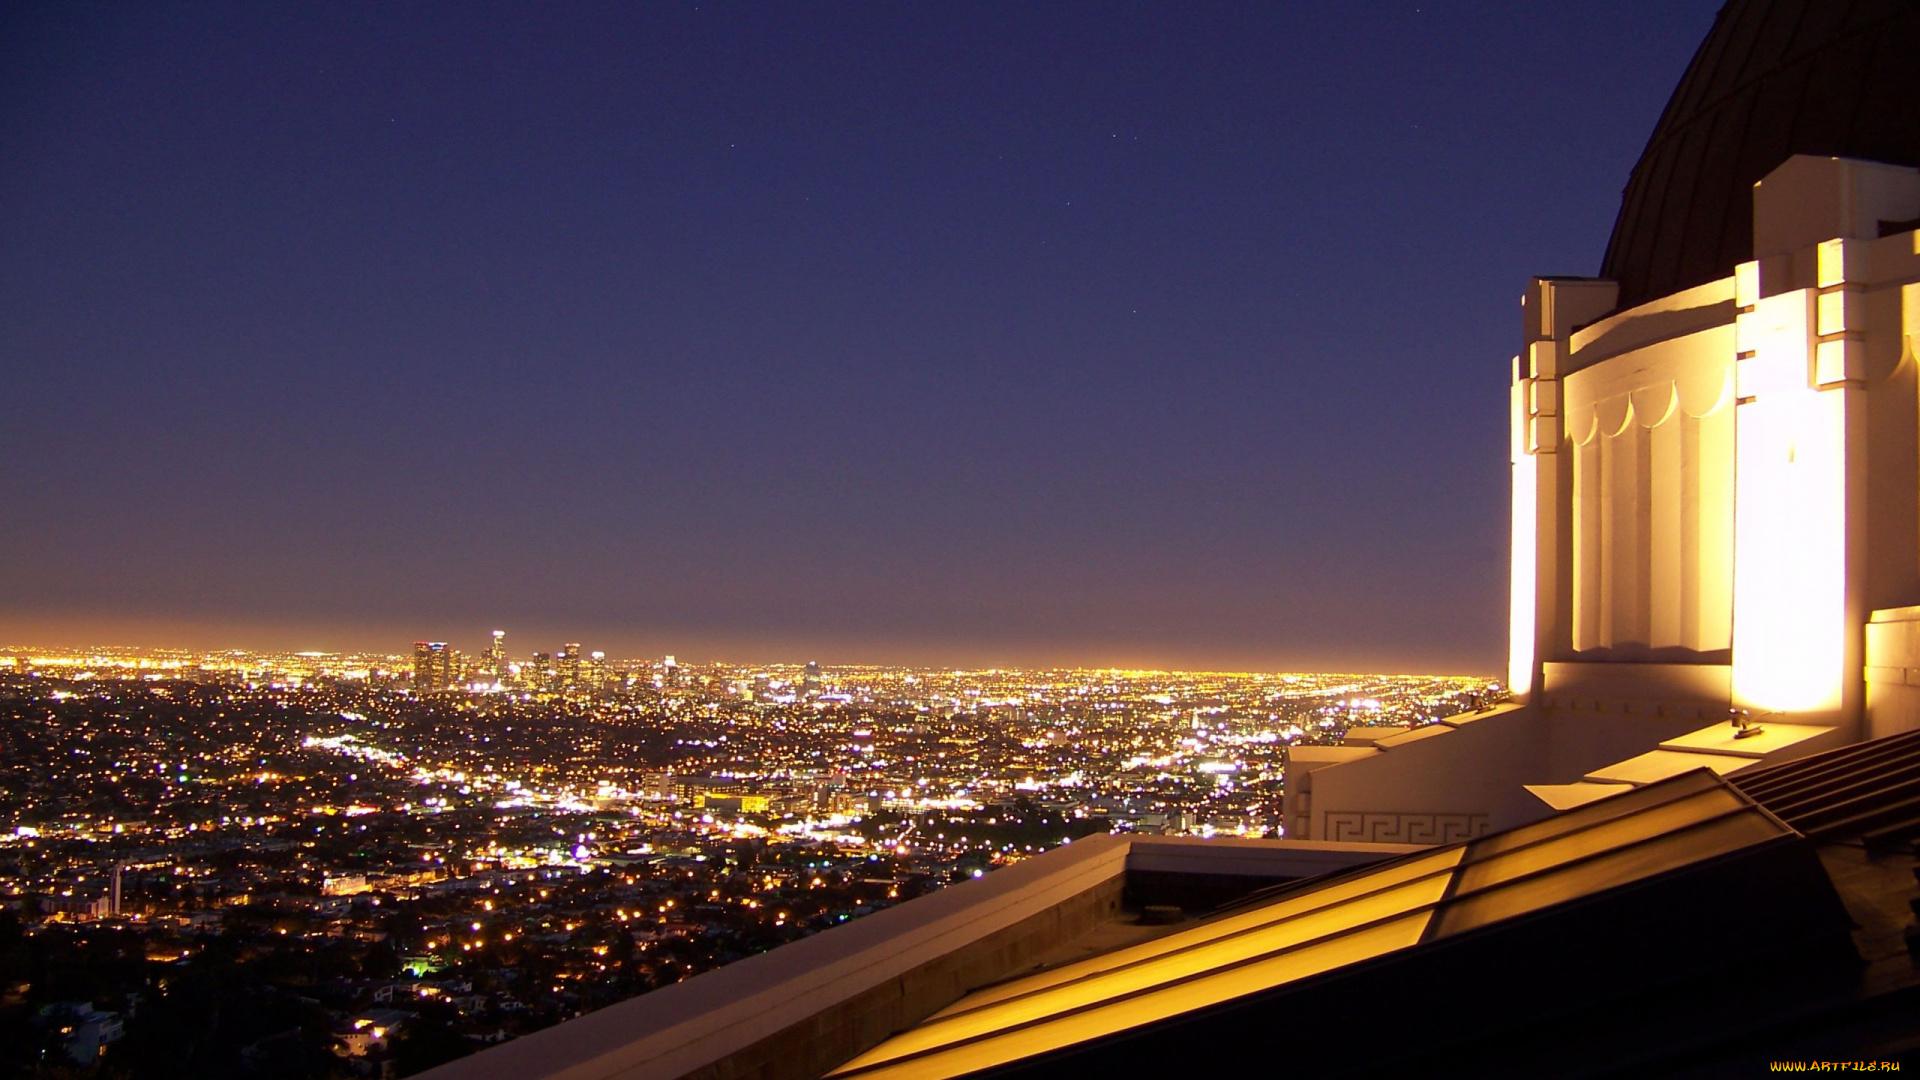 Картинки город ночь крыши